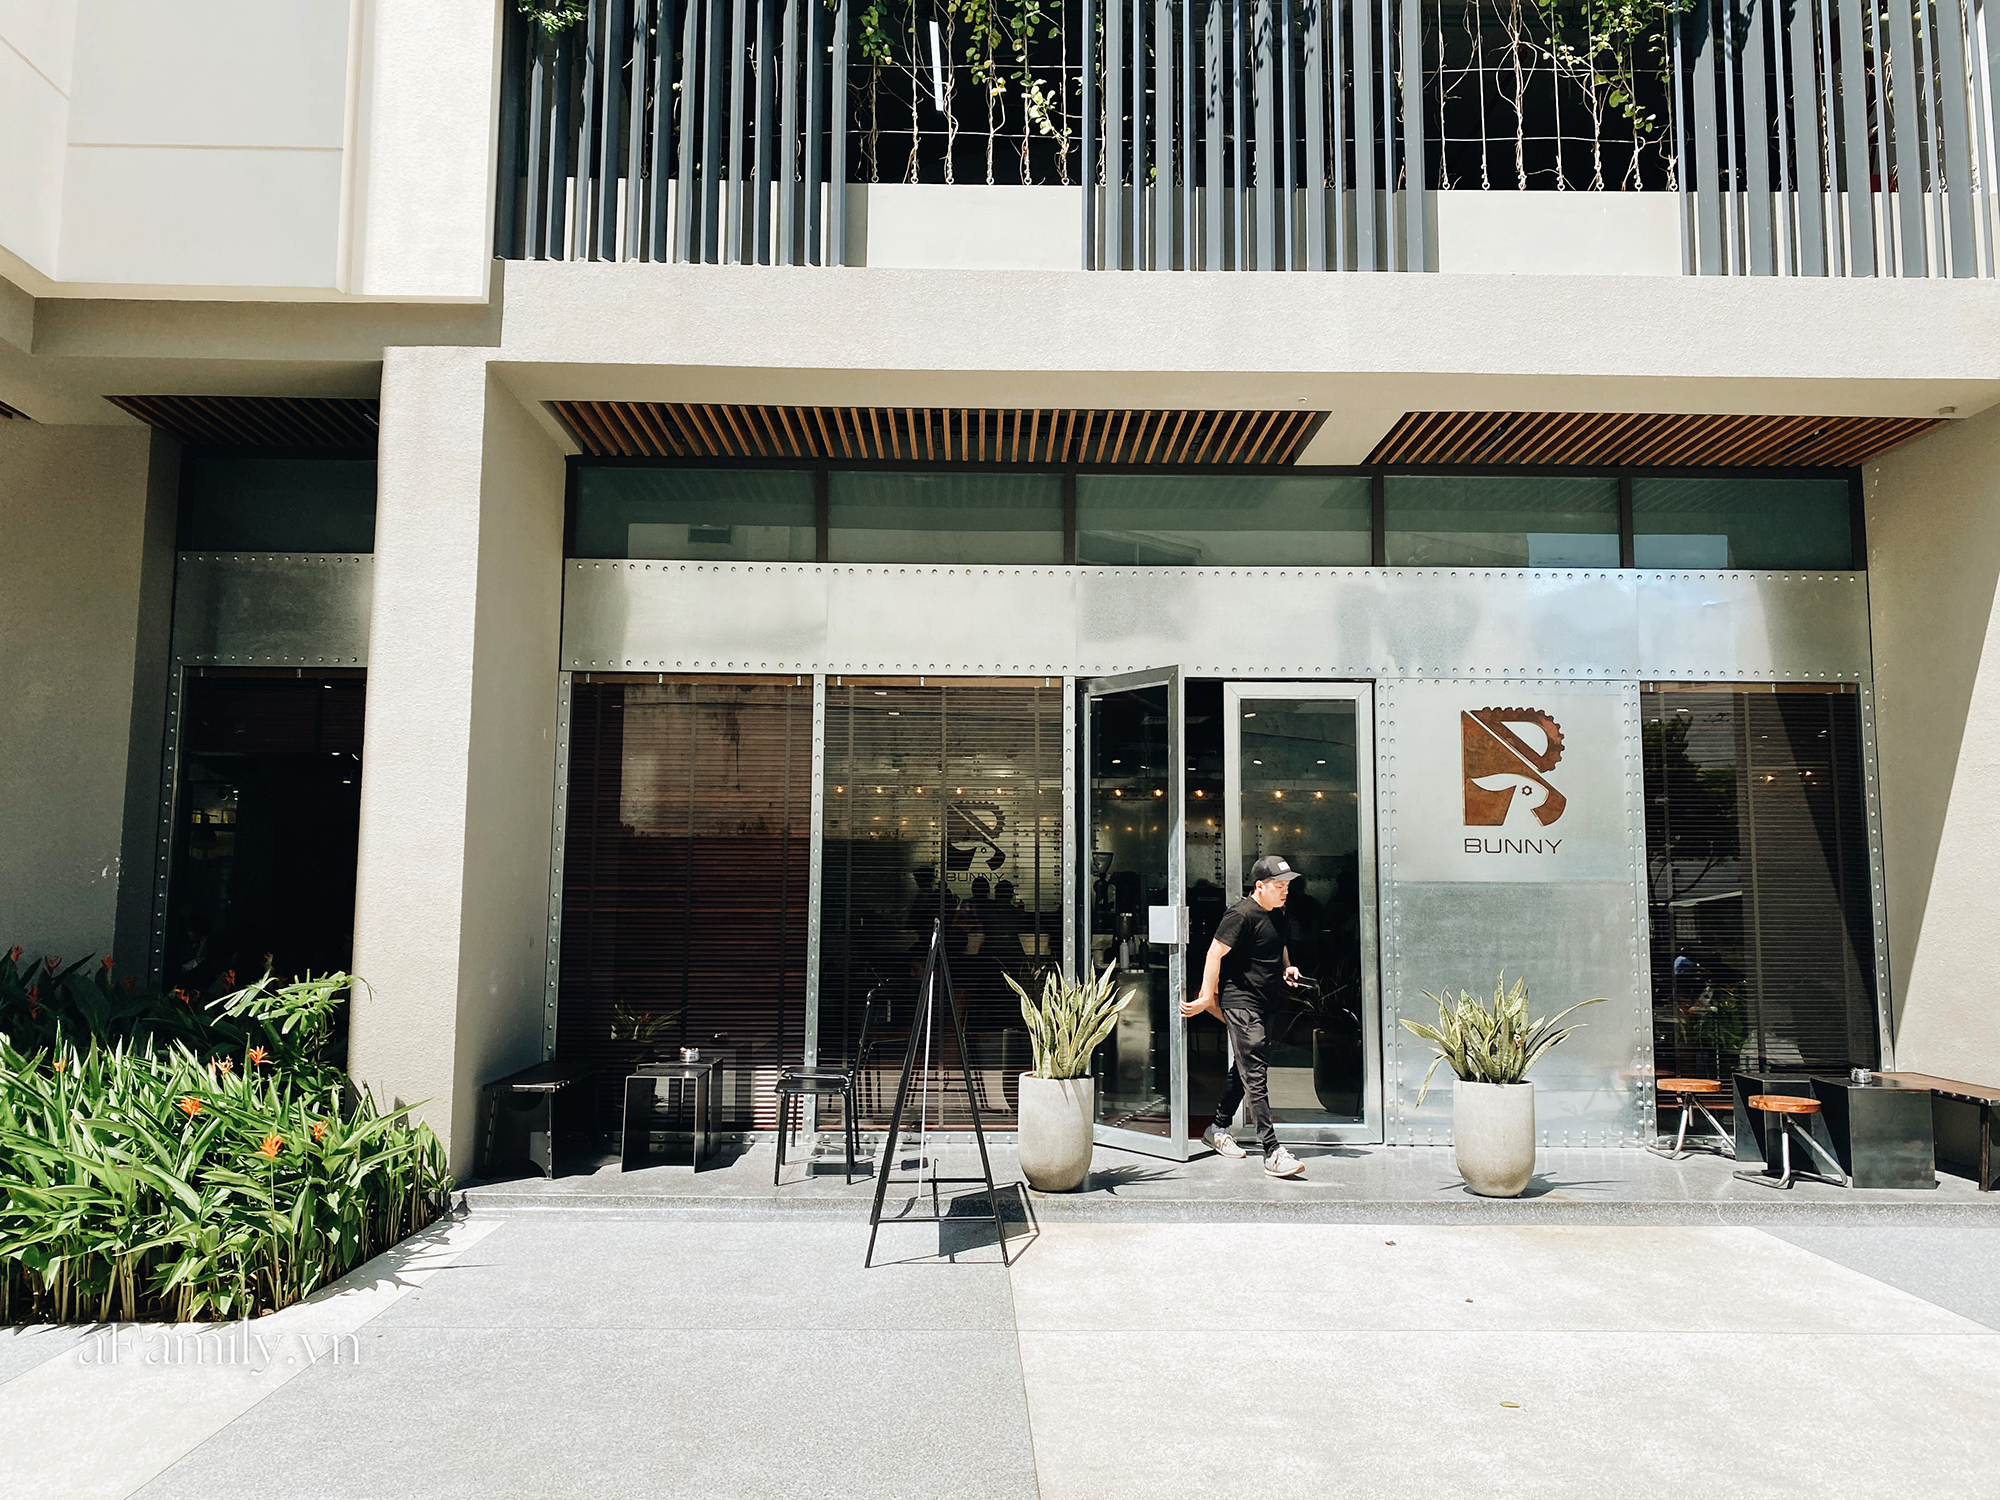 """Vừa thất bại đóng cửa quán cà phê đầu tiên tại trung tâm quận 1, chàng Bắp - Ngô Kiến Huy lại mở quán mới chỉ sau 1 năm nhưng lần này thật sự là """"choáng""""! - Ảnh 4."""